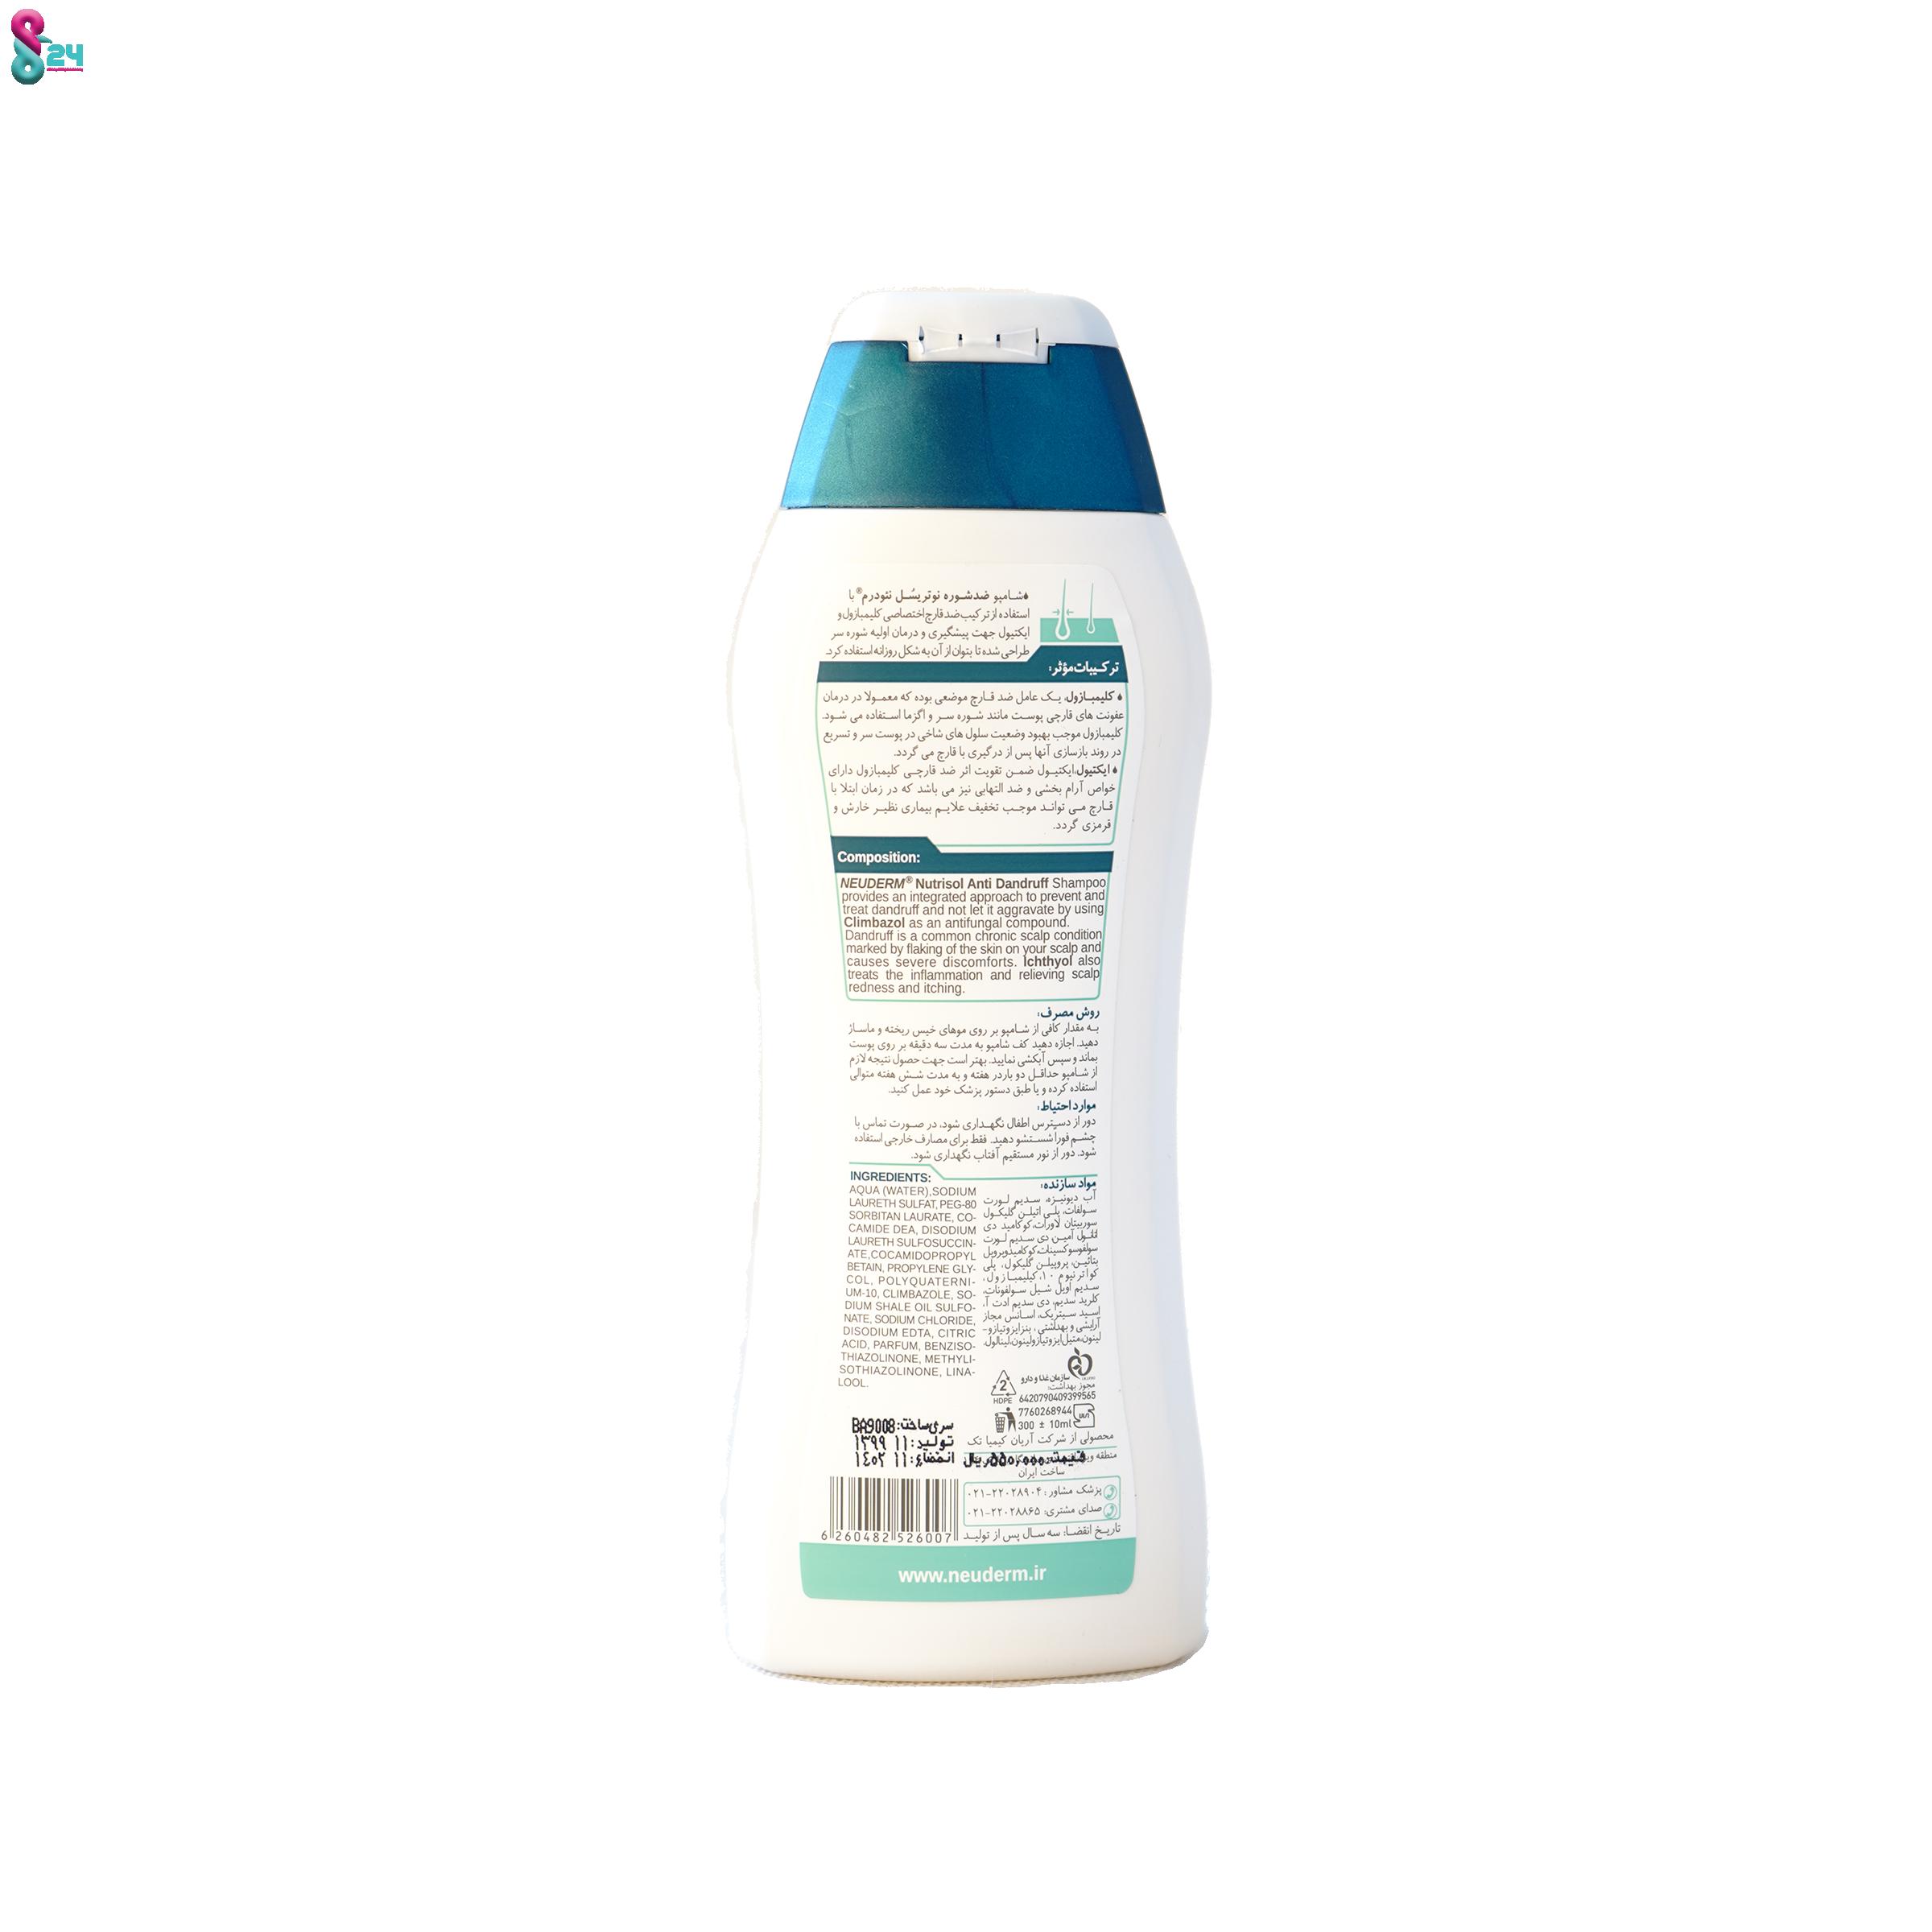 شامپو ضدشوره نئودرم مدل Nutrisol